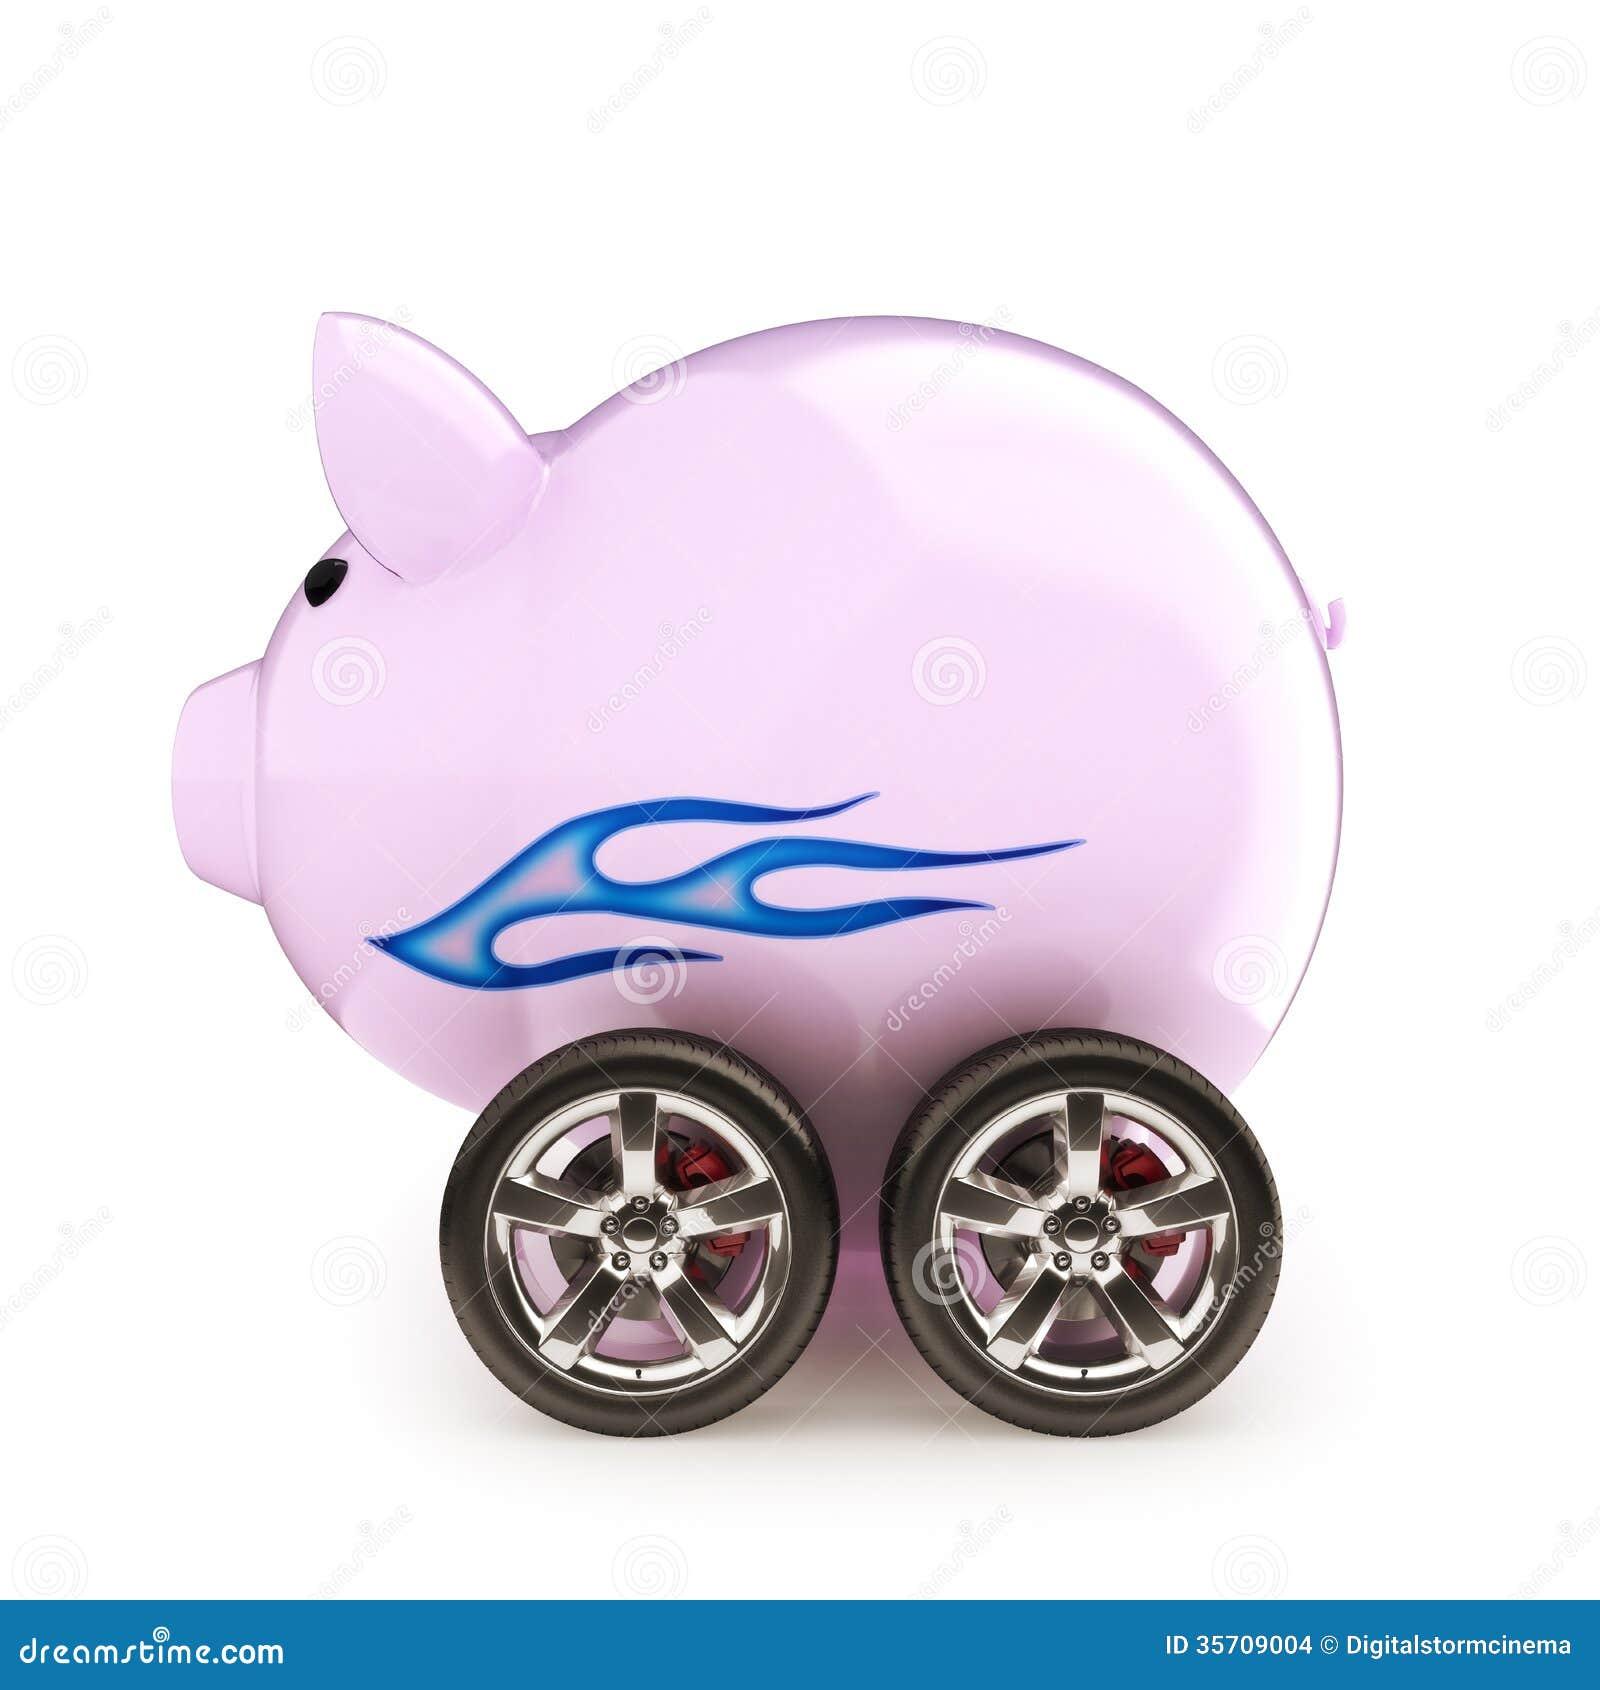 Ahorros del coche de deportes.